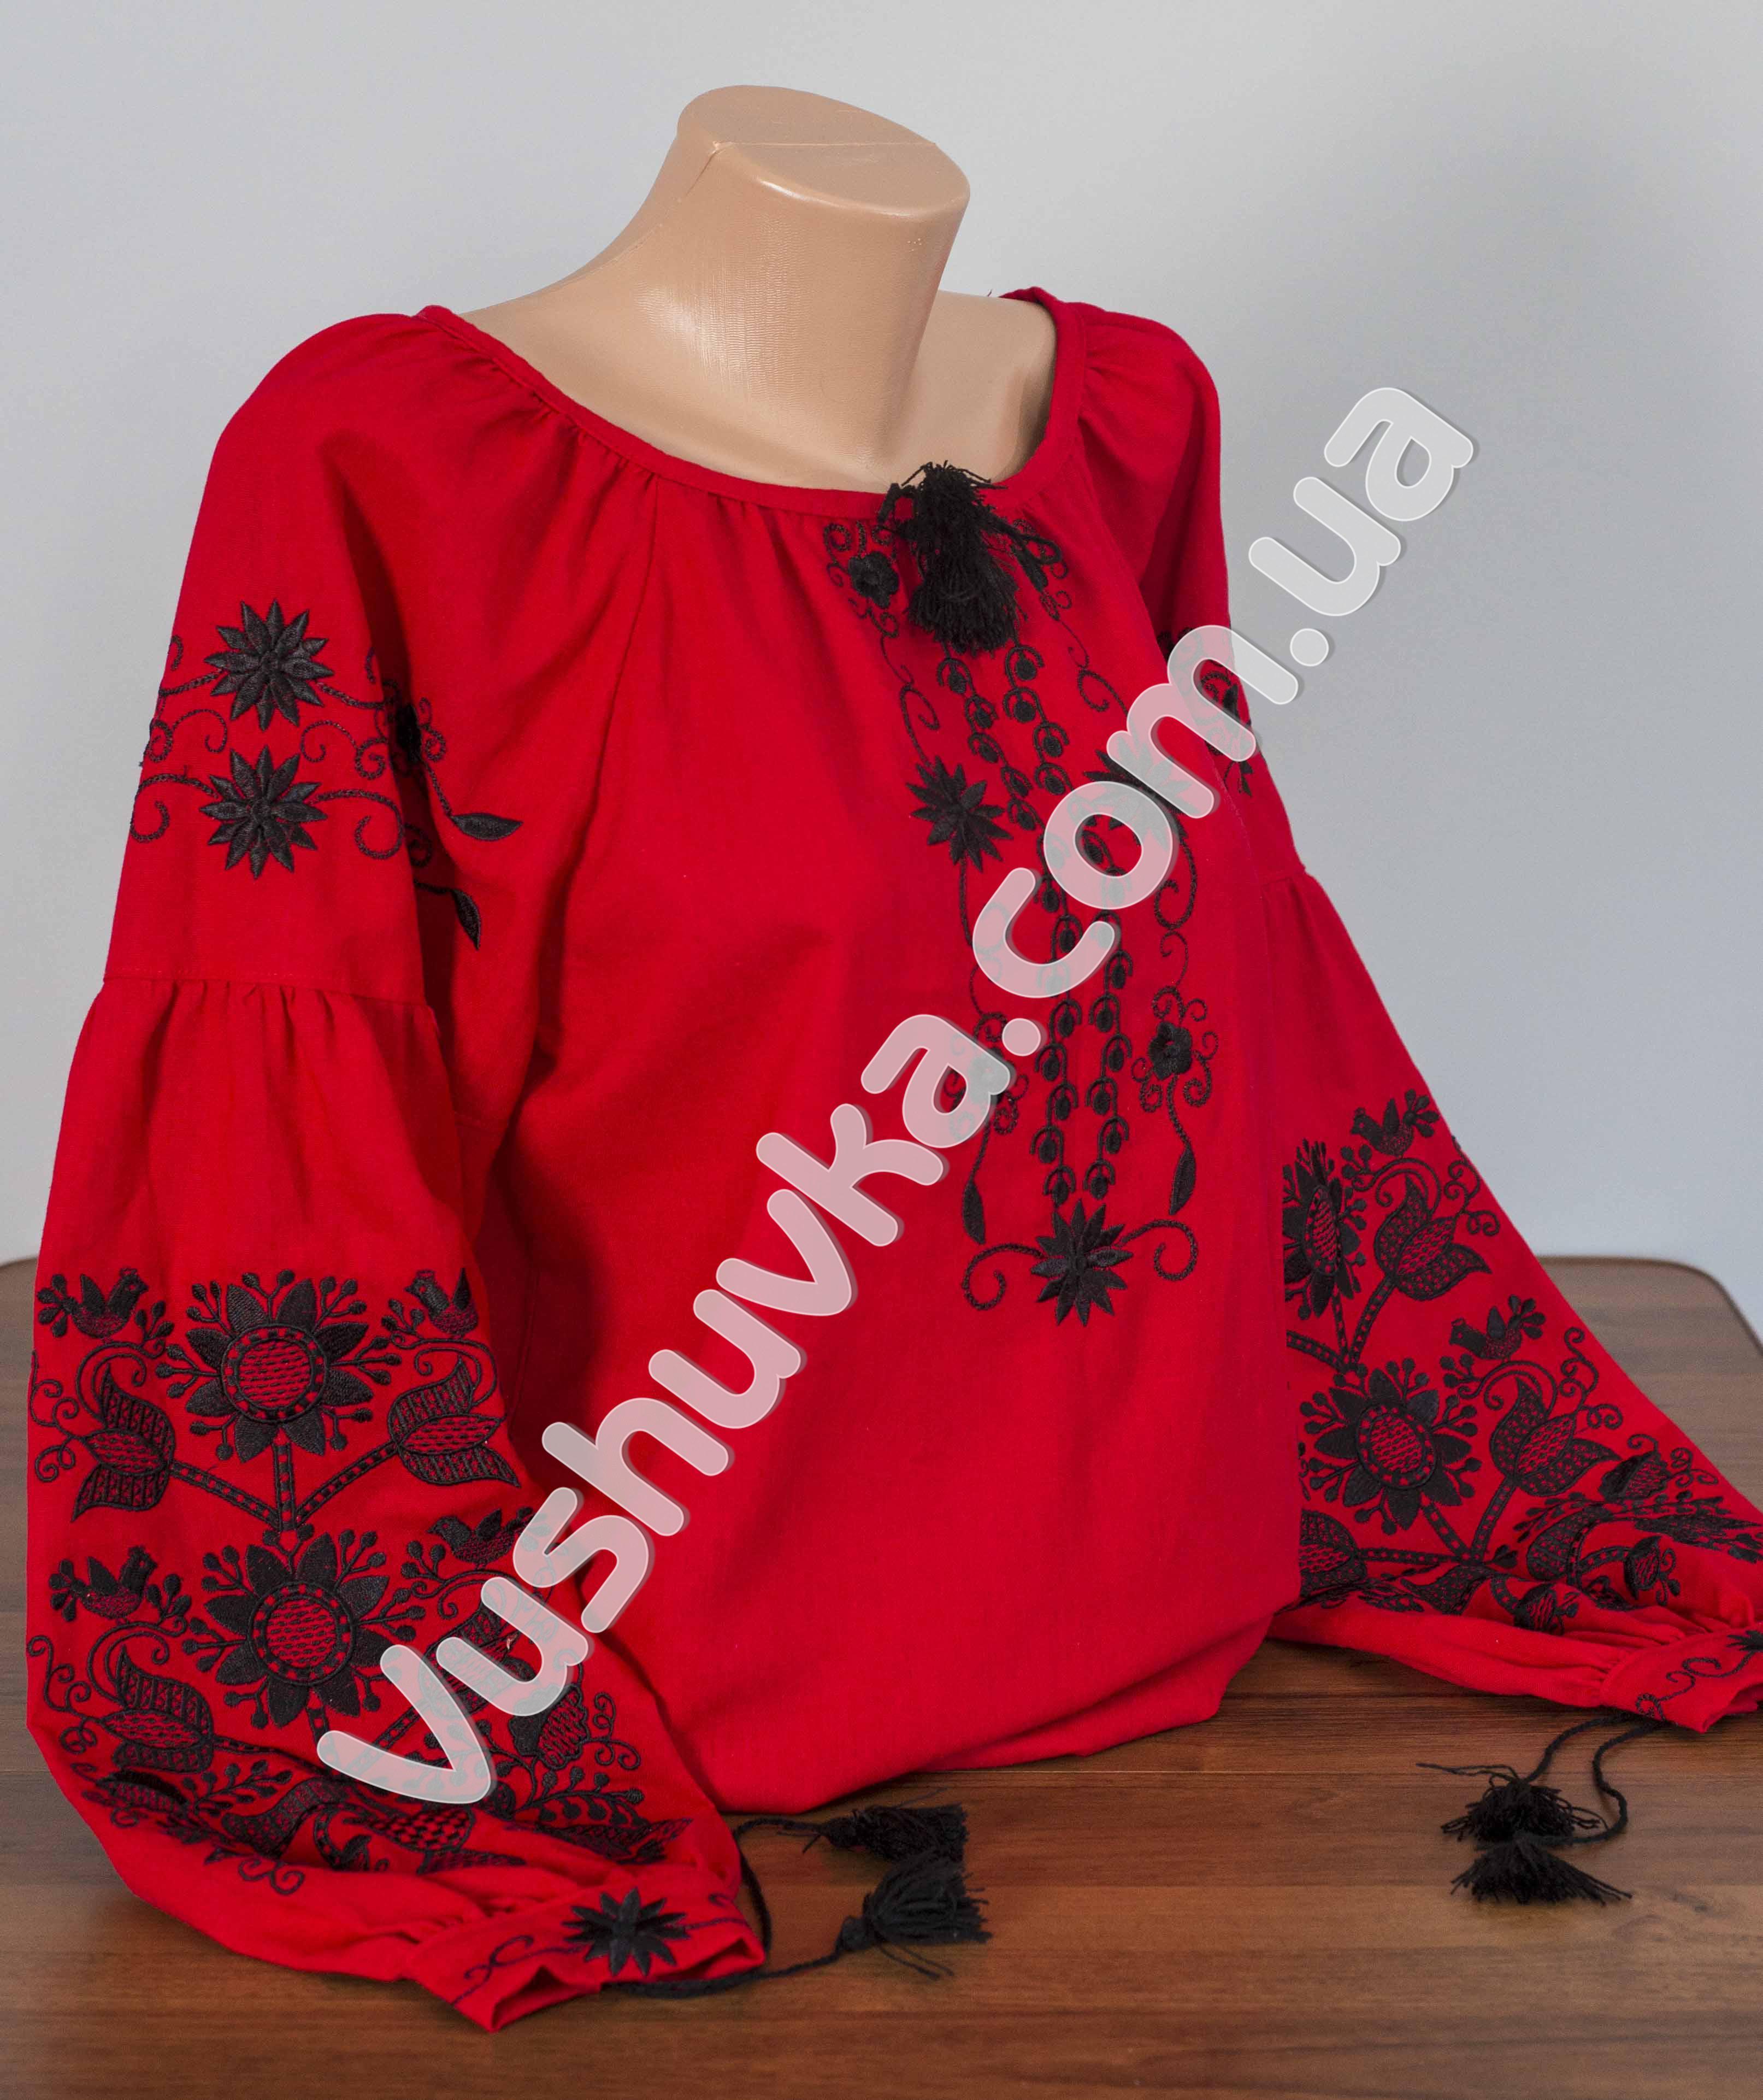 Вишита сорочка (арт. 2014) • купити в Україні d7ba6dfa02046